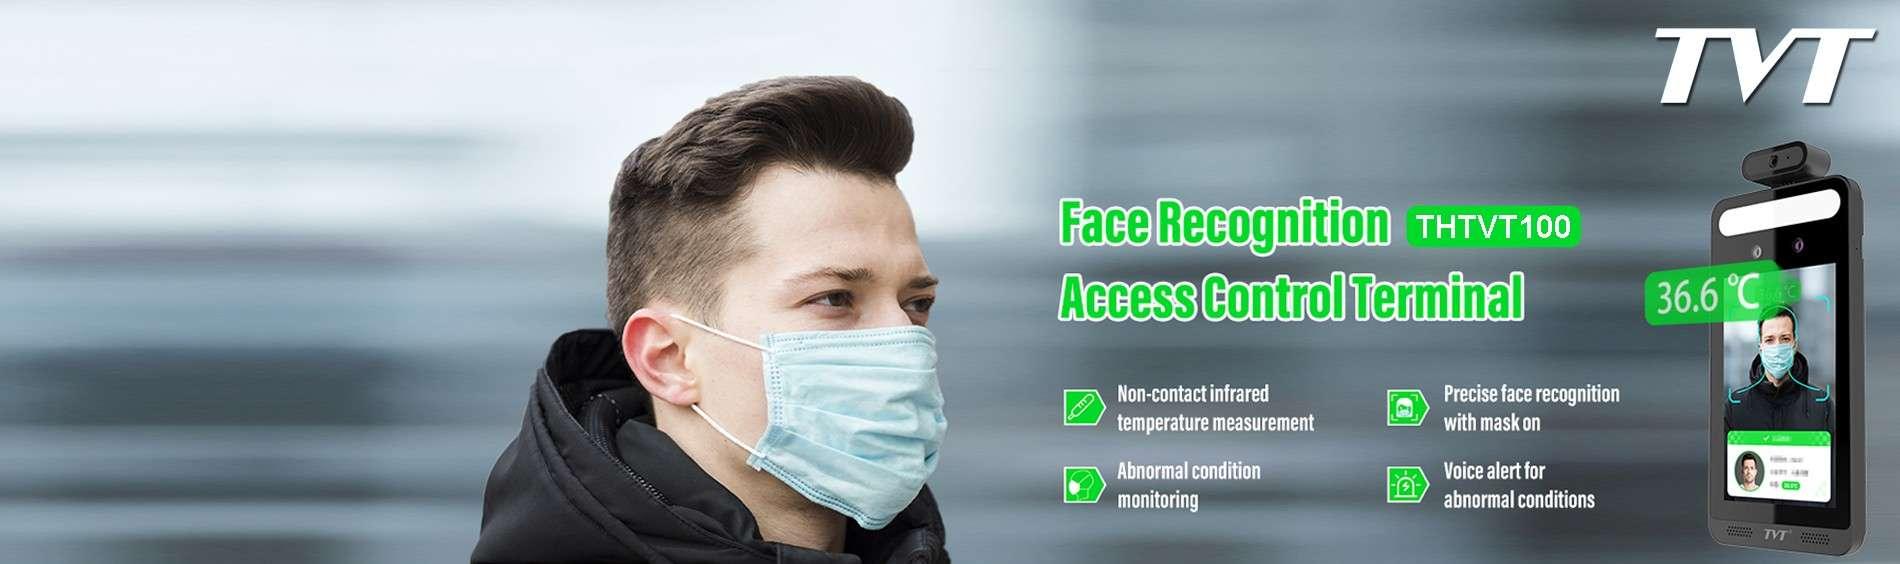 Gezichtsherkenning, maskerdetectie, temperatuurmeting, ...